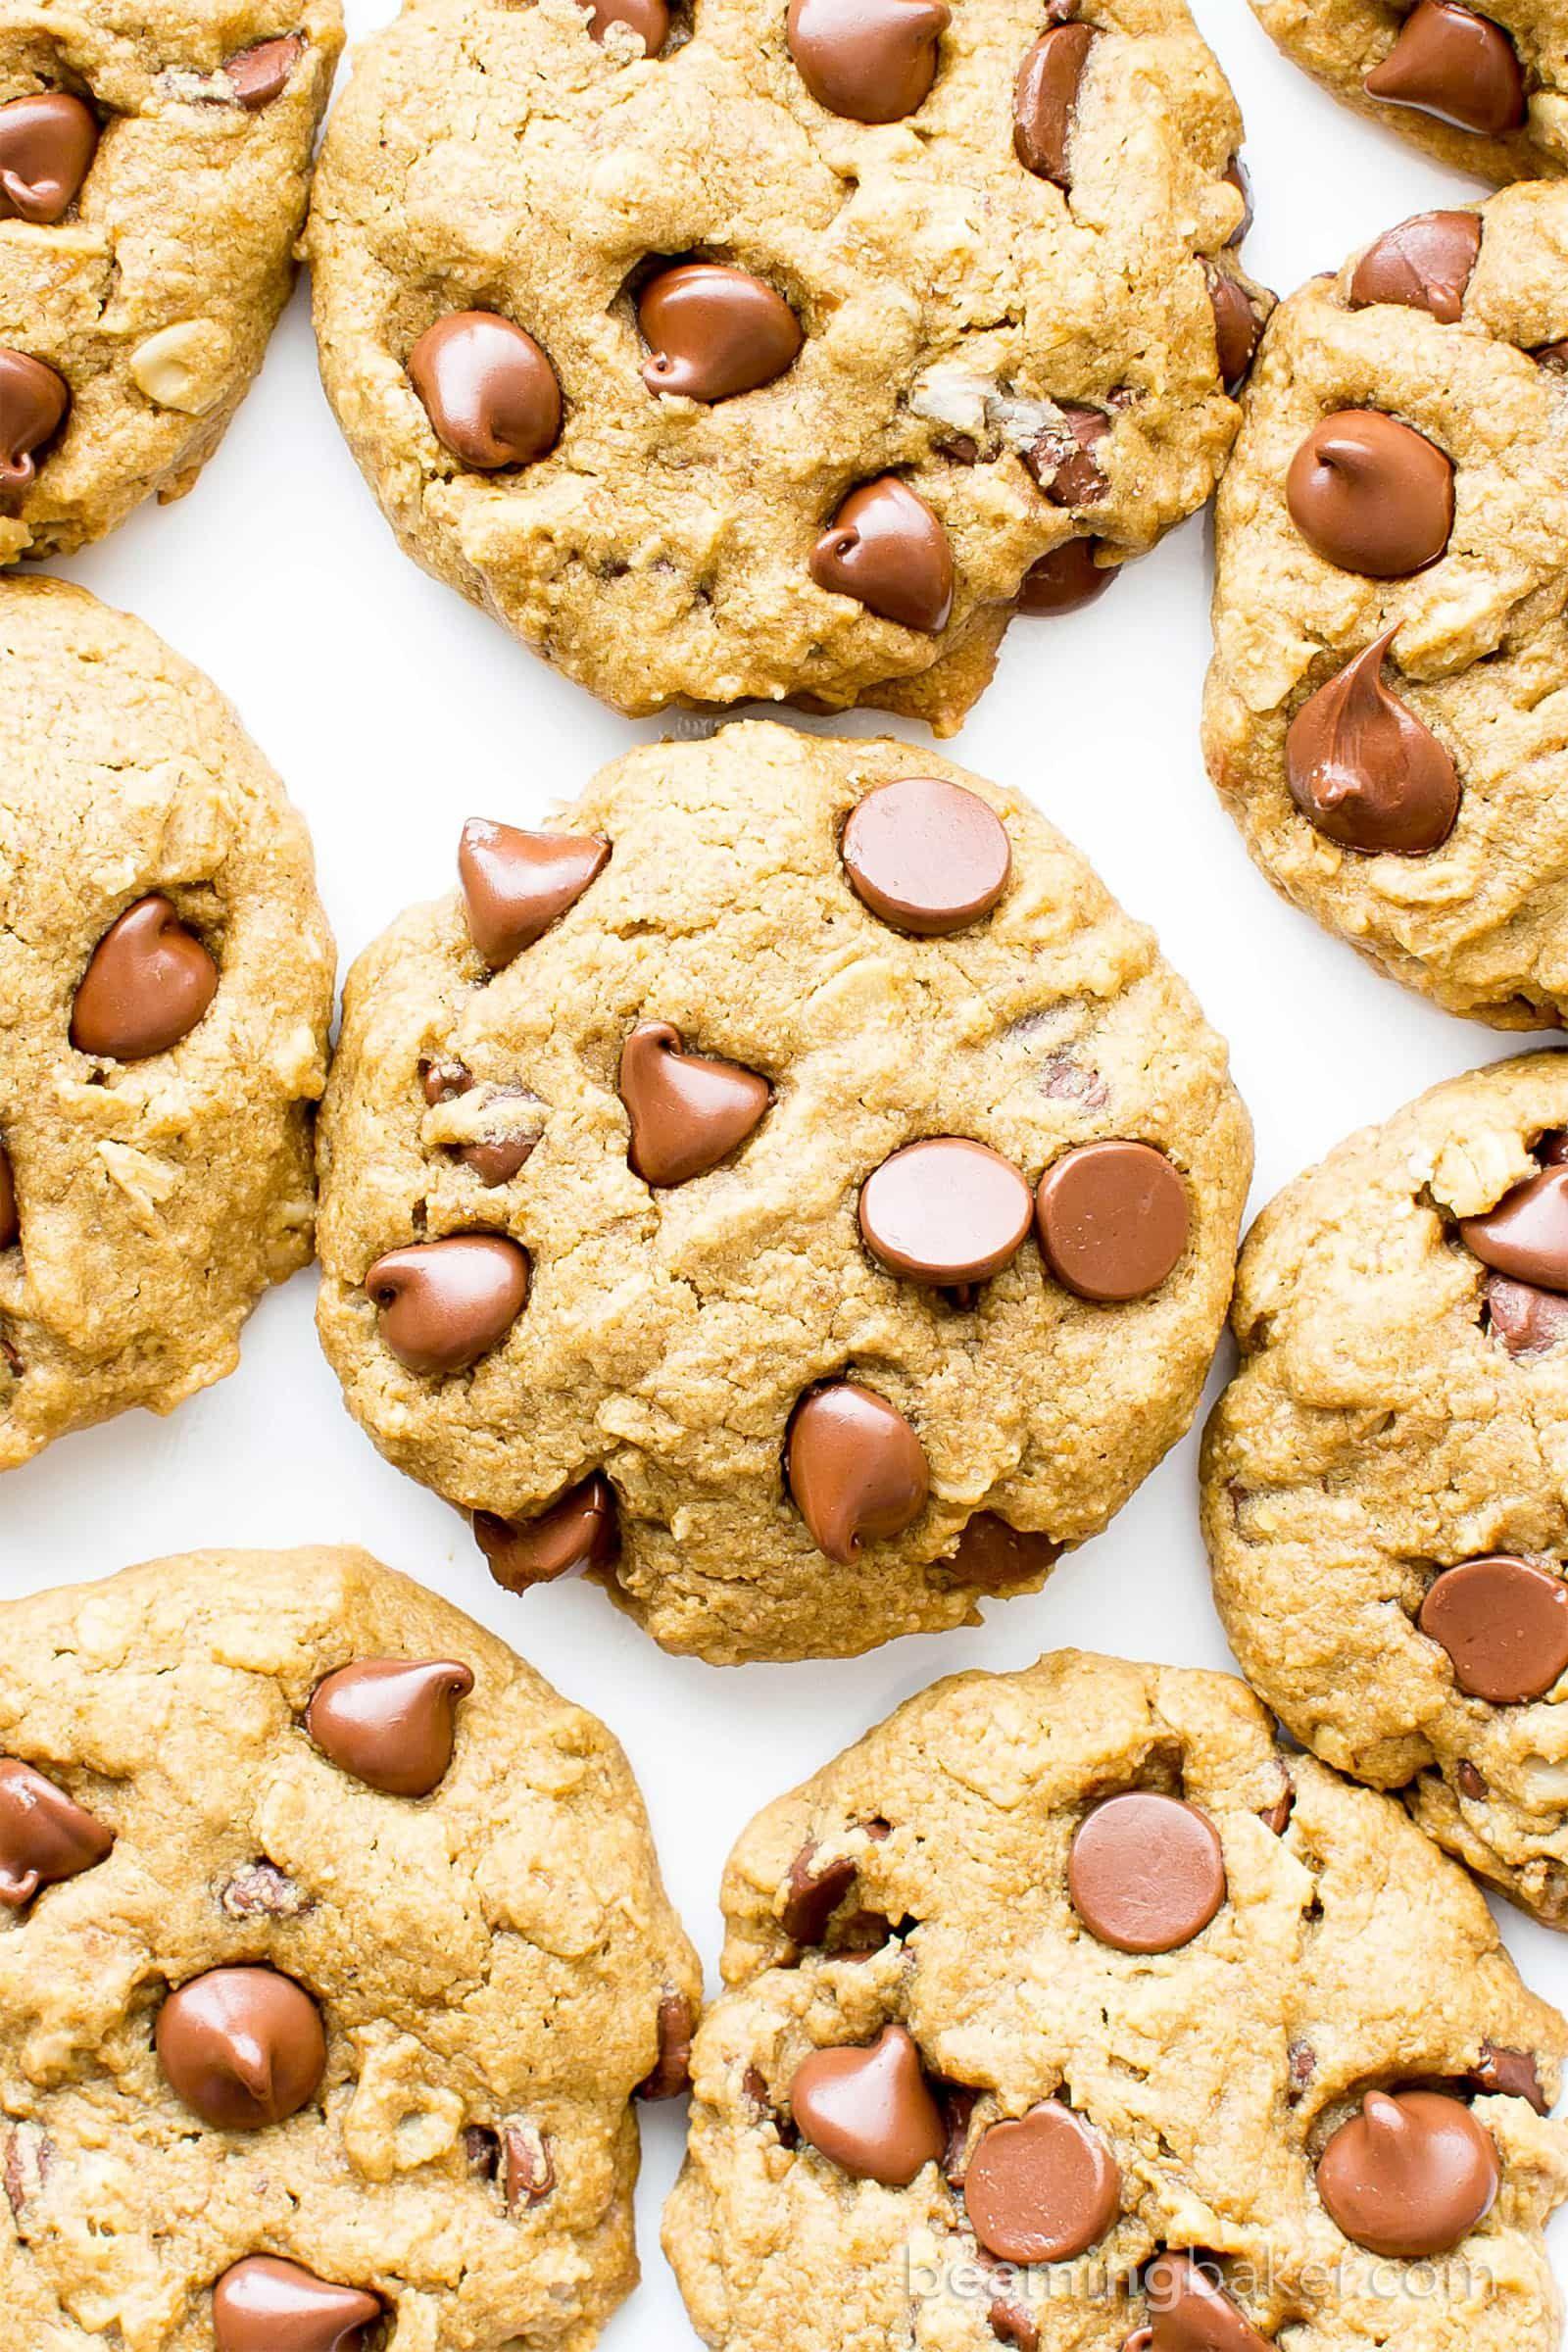 Gluten Free Vegan Oat Flour Chocolate Chip Cookies V Gf An